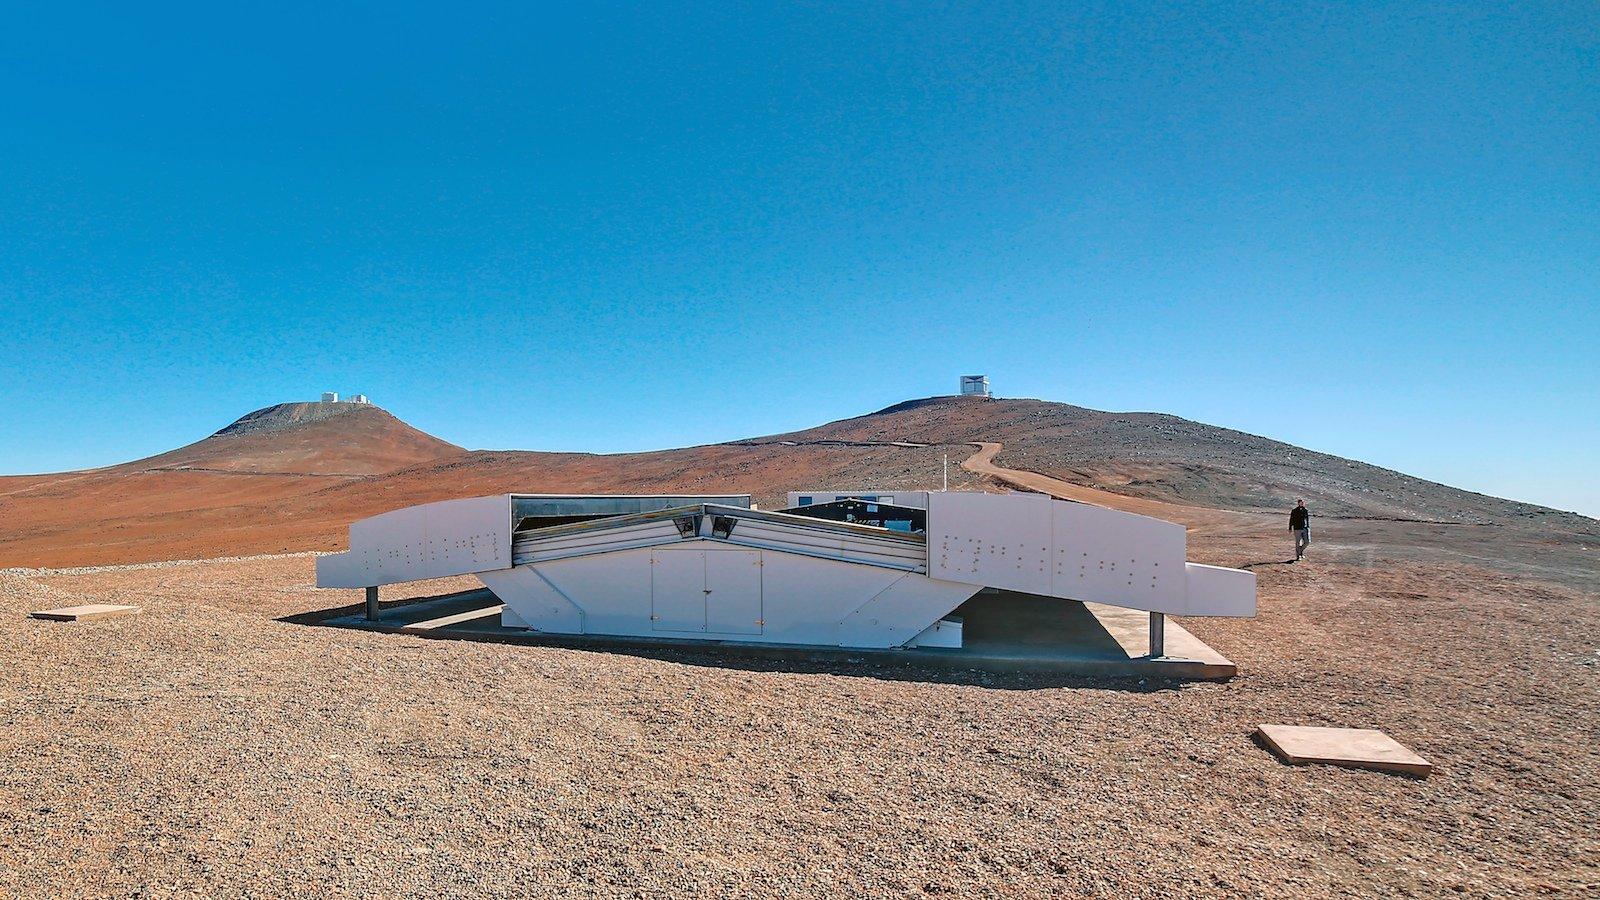 Das NTGS steht inder Atacamawüste im Norden Chiles. Der Standort in viertausend Metern über dem Meeresspiegel ermöglicht den Wissenschaftlern wegen vieler klarer Nächte und extrem trockener Luft beste Messergebnisse.